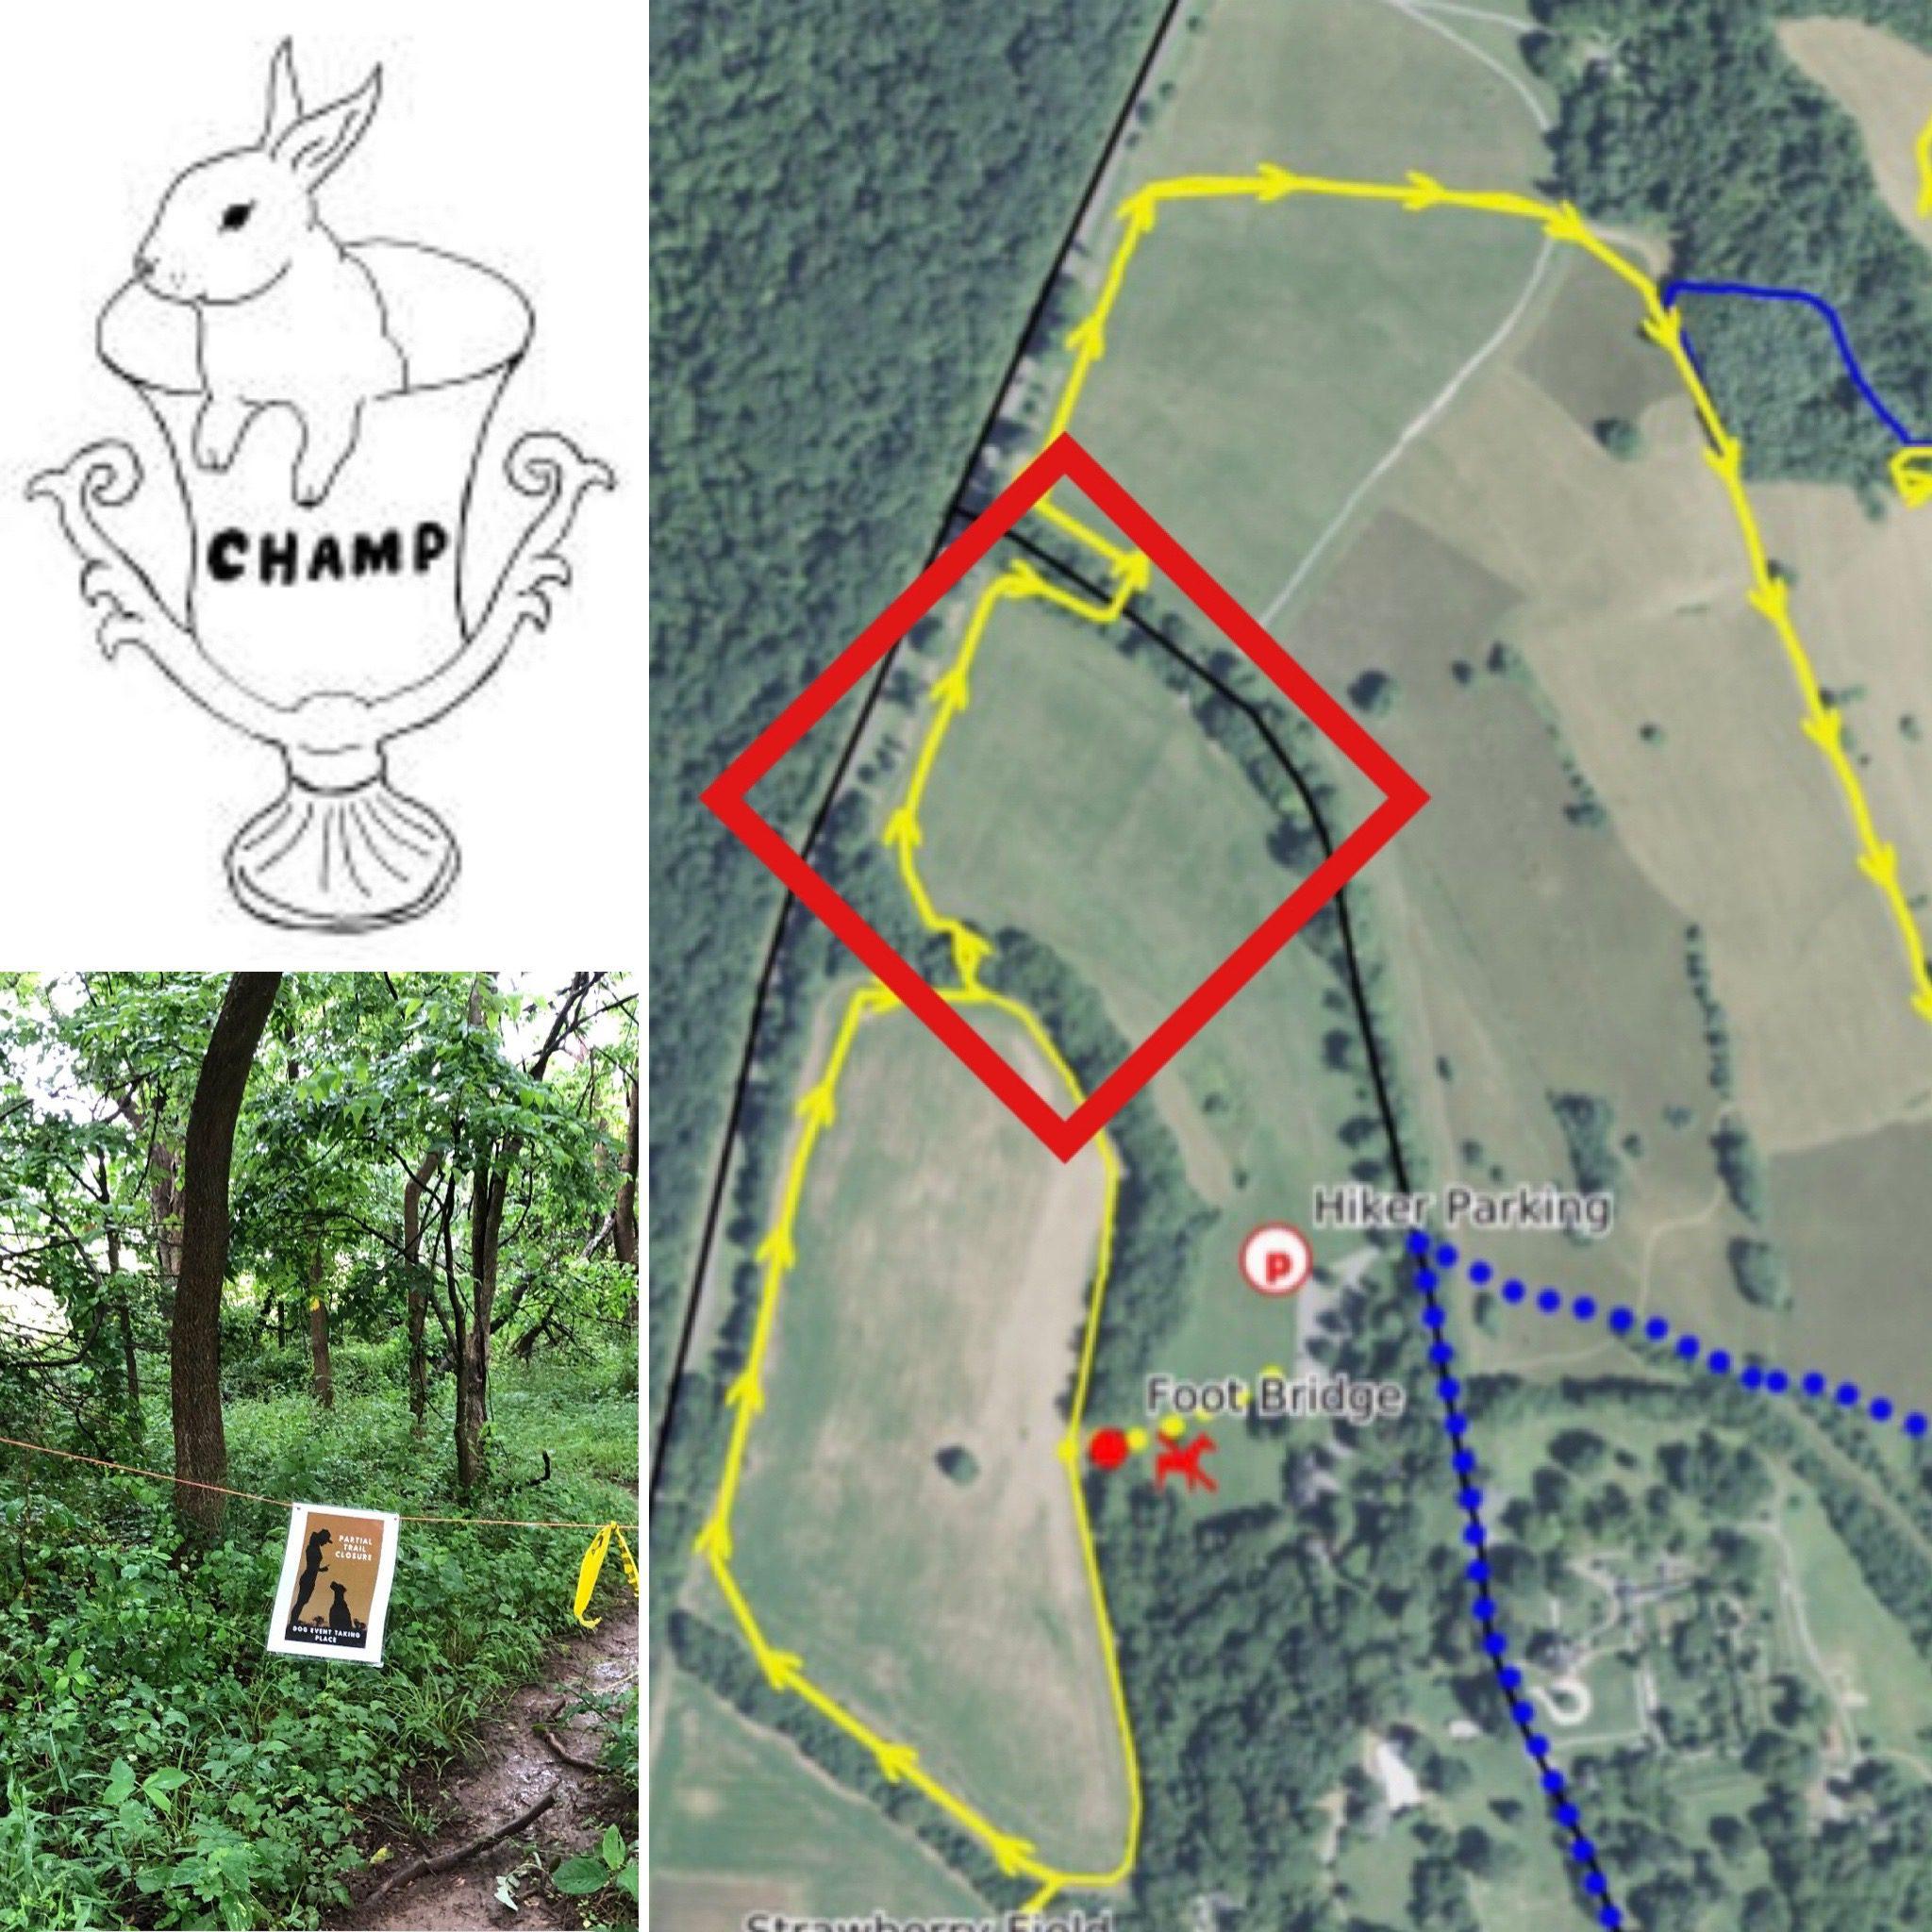 CHAMP trail map